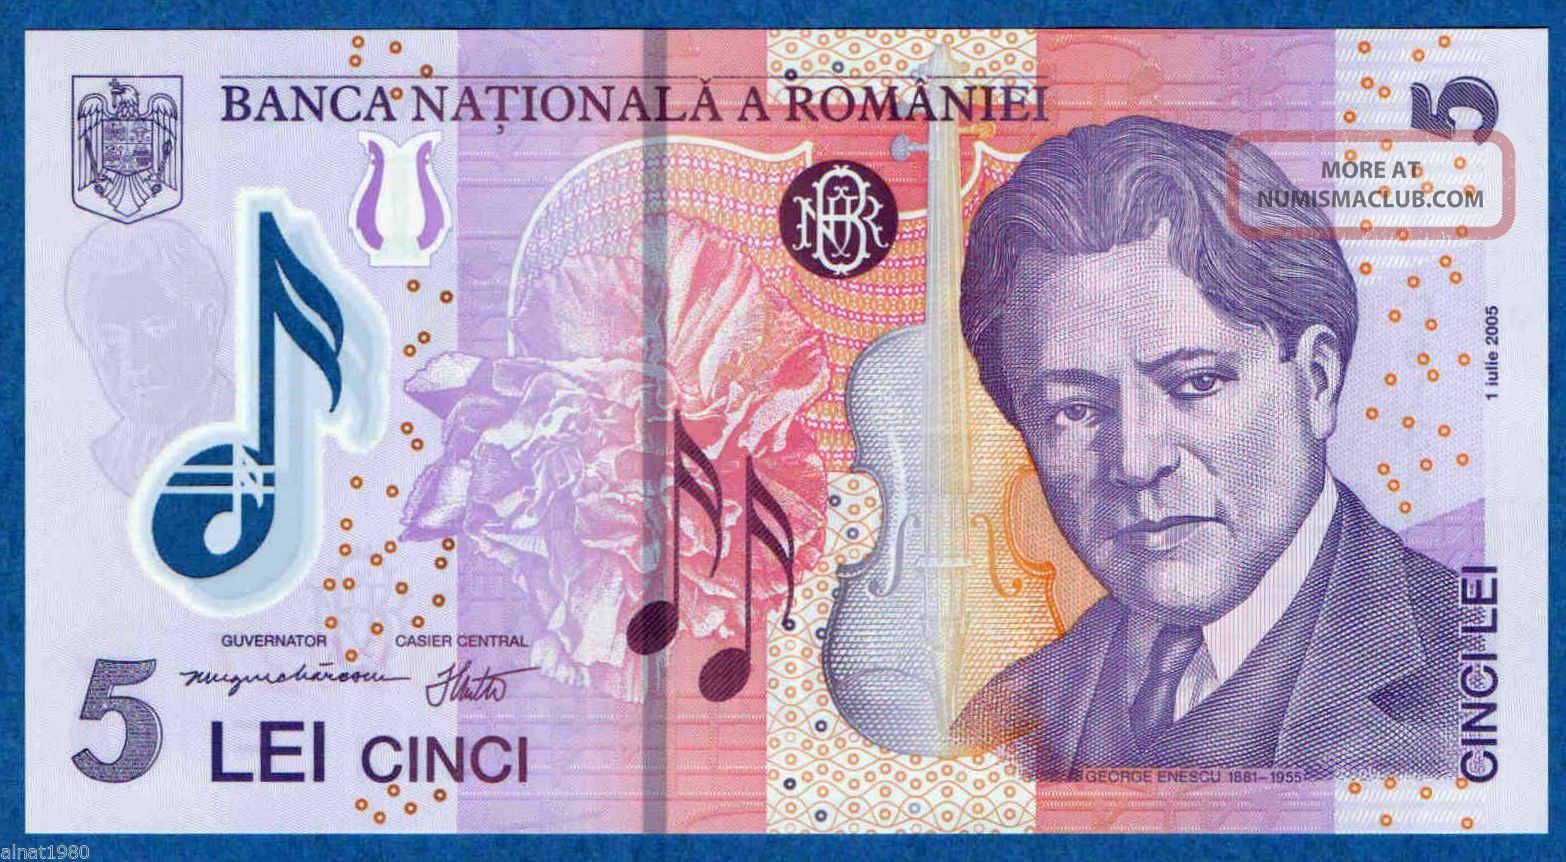 http://numismaclub.com/imgs/a/a/o/q/u/romania_5_lei_2005_july_polymer_banknote_unc_p_118_enescu_1_lgw.jpg